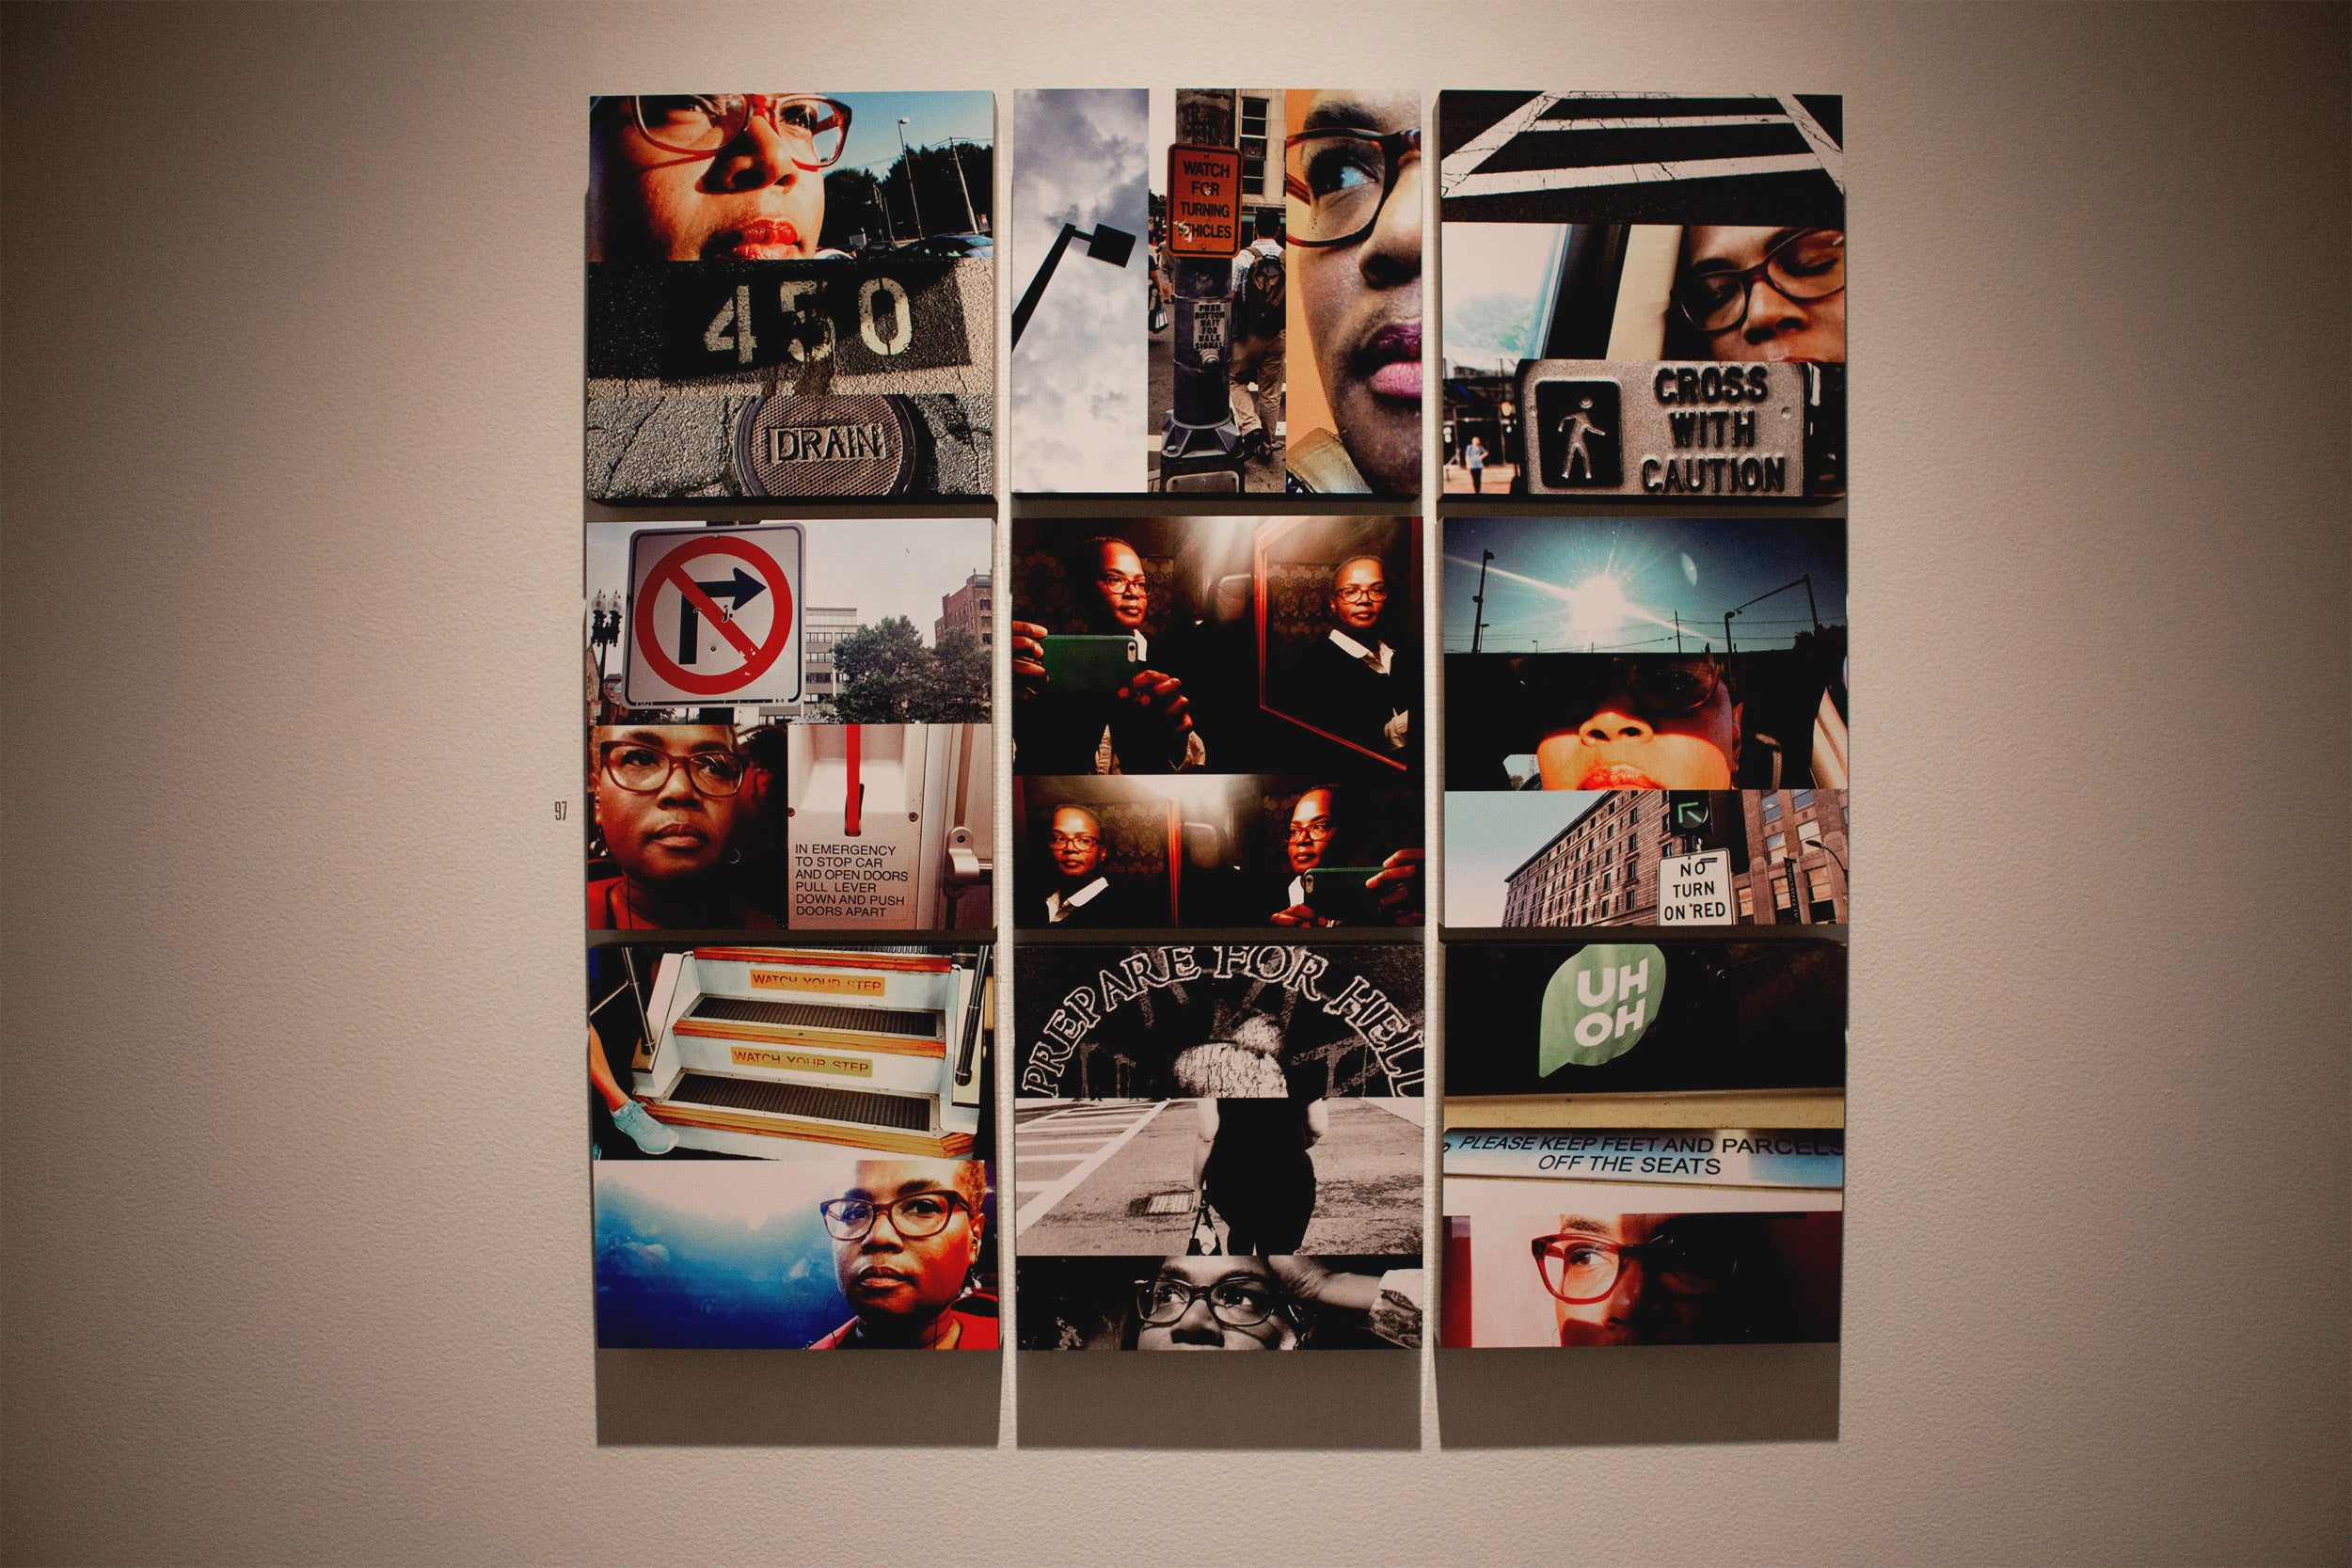 A collage of photos